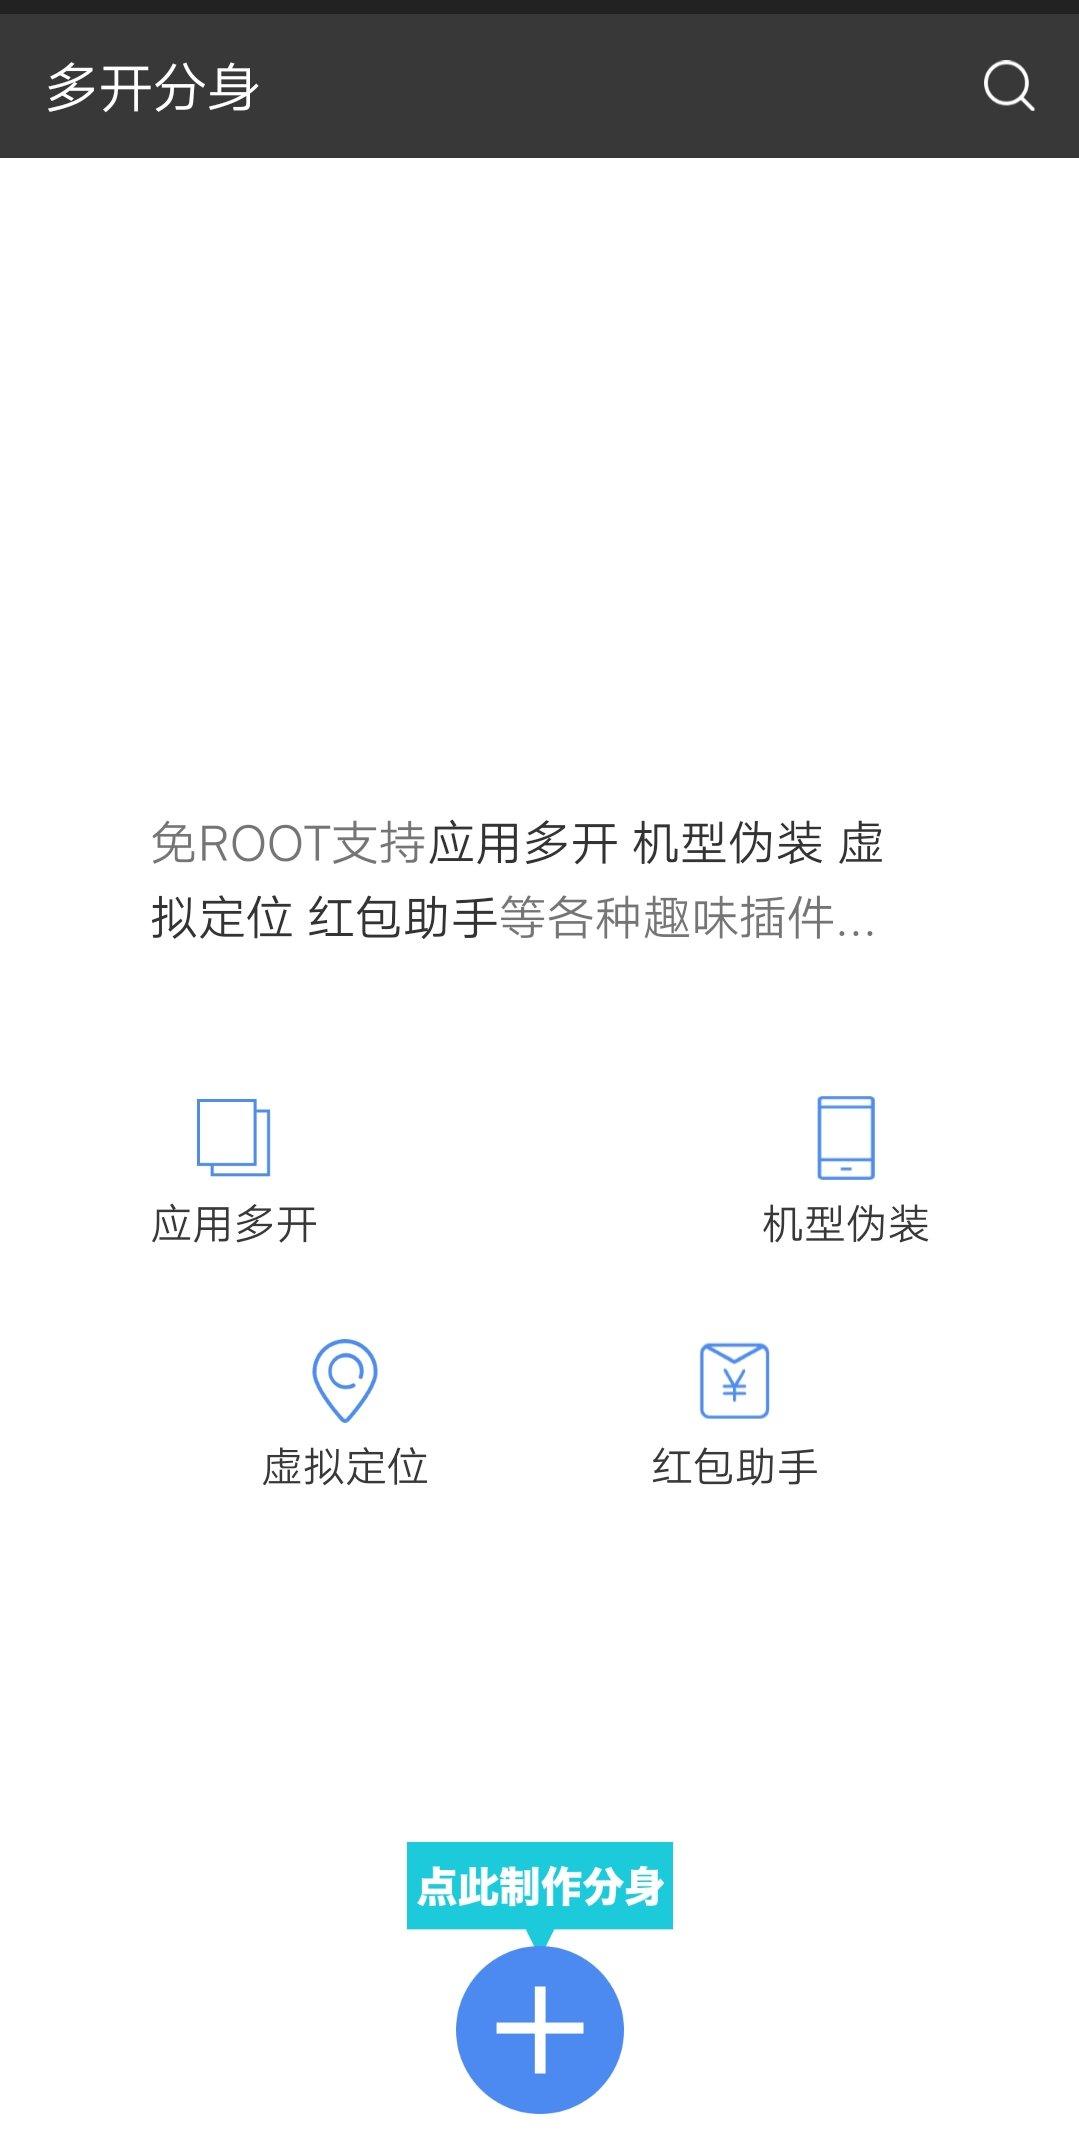 【分享】多开分身 终结版本 王者荣耀修改虚拟定位-爱小助